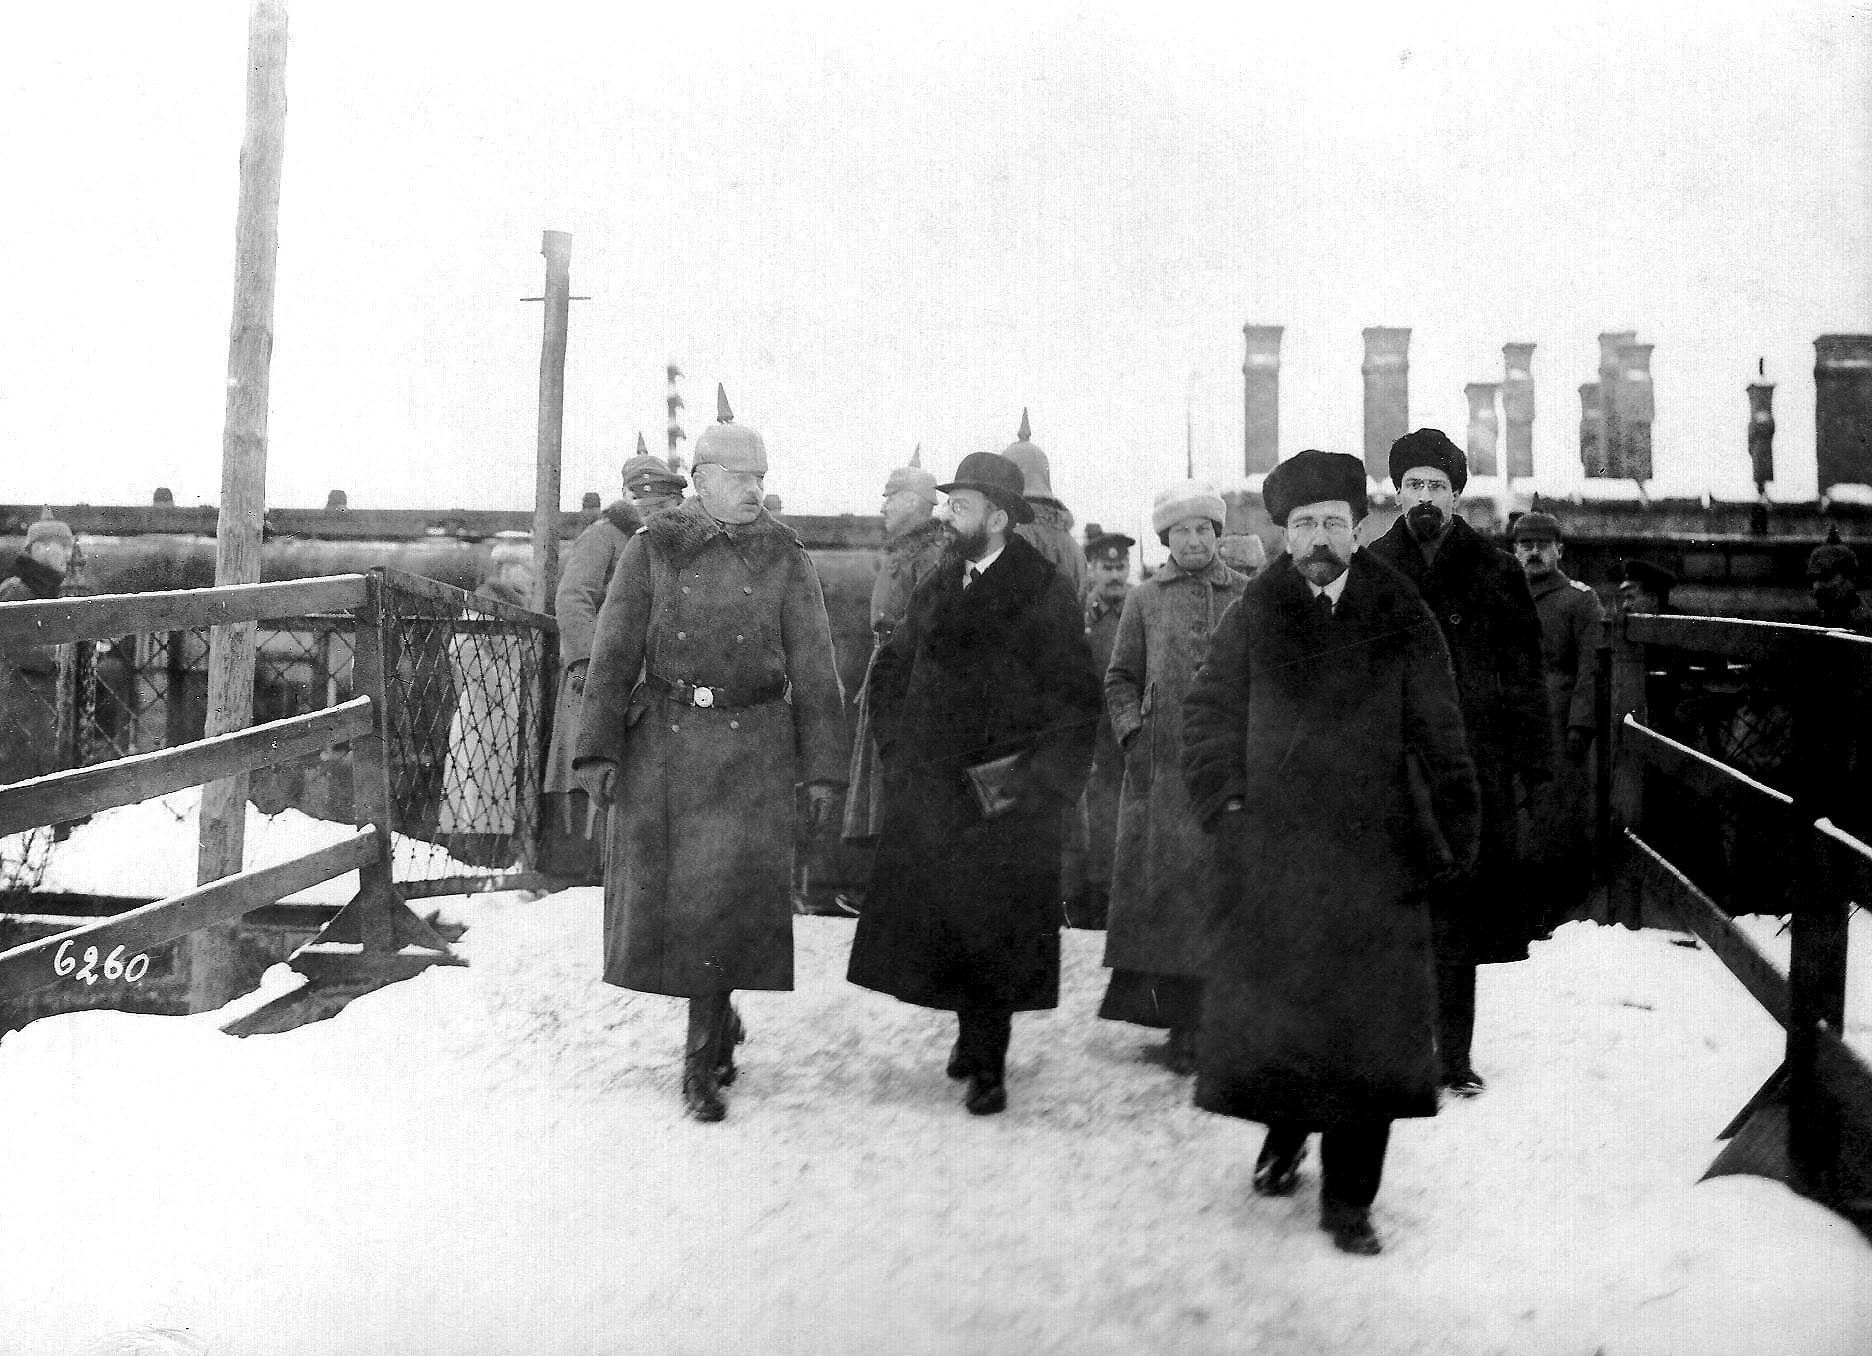 El Armisticio De Brest Litovsk Los Miembros De La Delegacion Rusa Despues De Llegar A La Estacion De Bret Litovsk De Izquierda A Derecha Fotos Presidentes